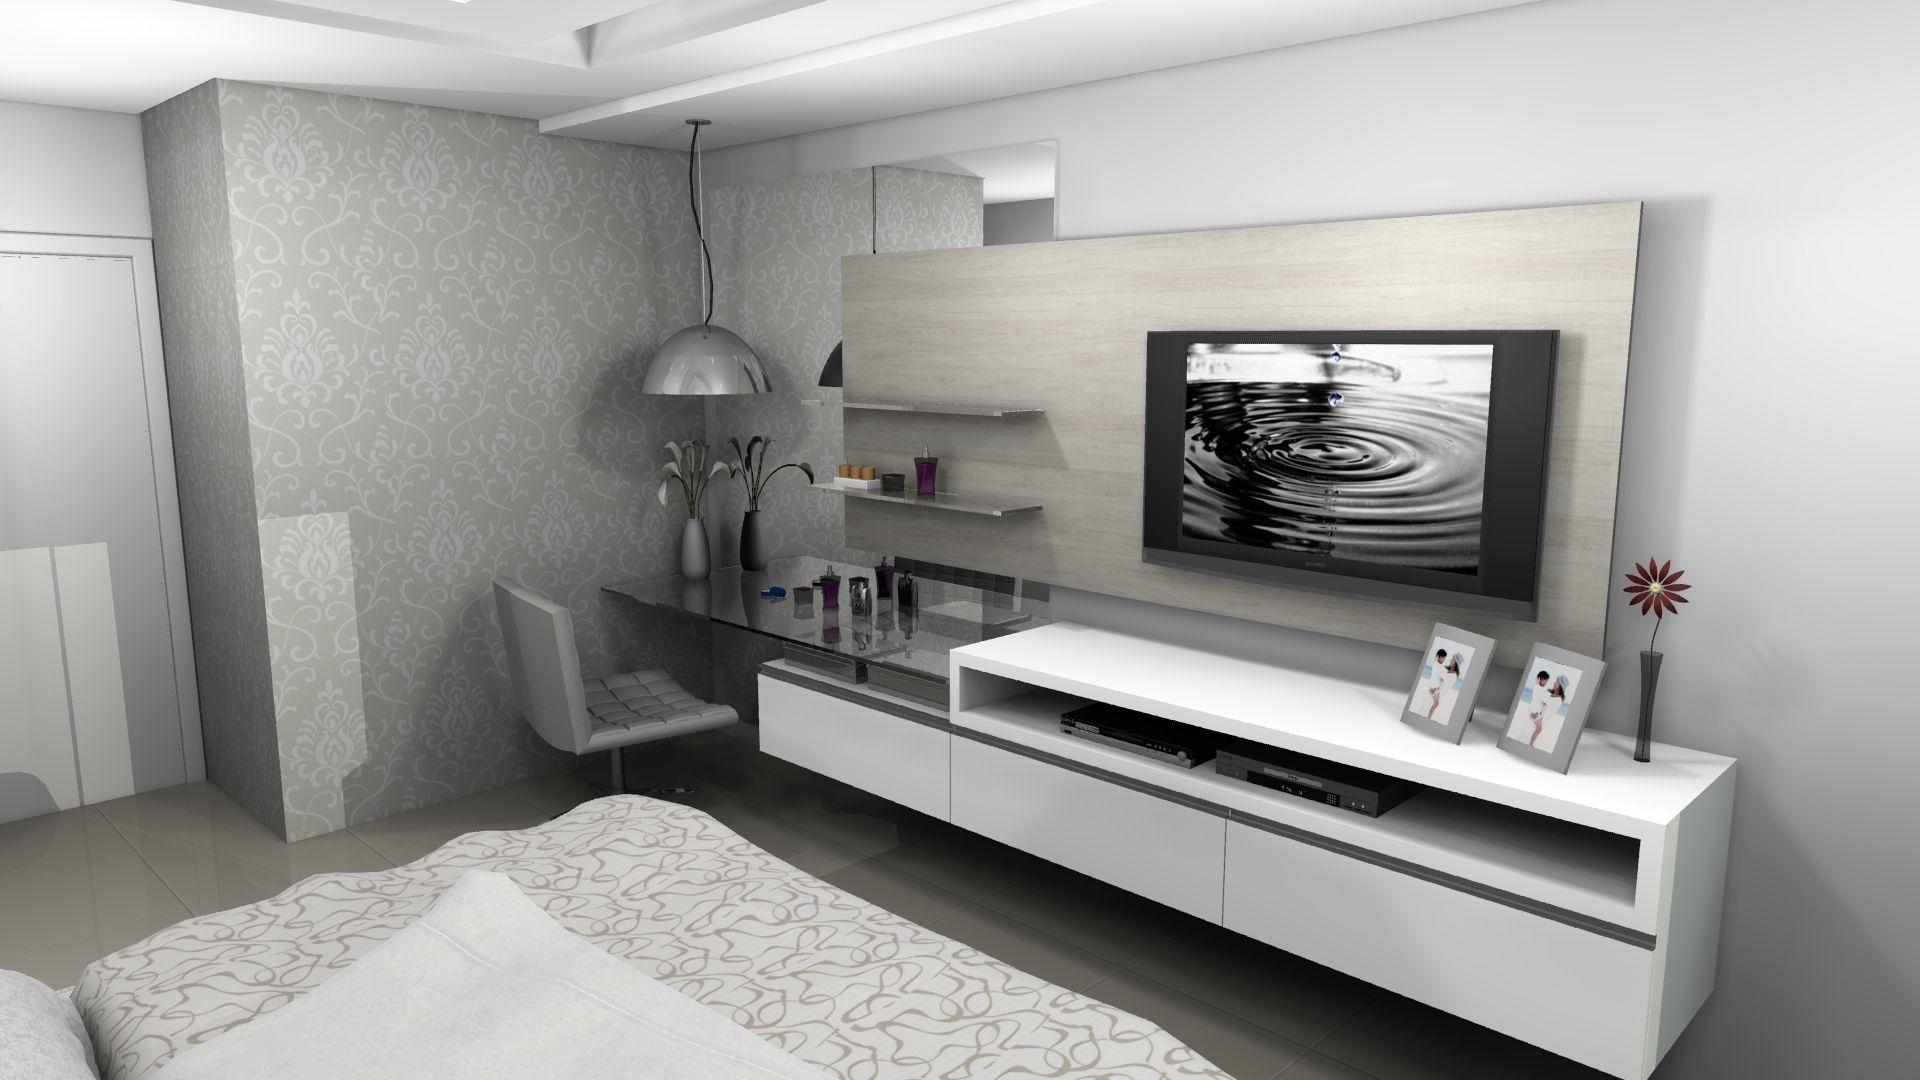 Dormitorio Galeria De Projetos Promob Quarto Casal Pinterest  ~ Decoração Em Quarto De Casal E Fazer Projeto De Quarto